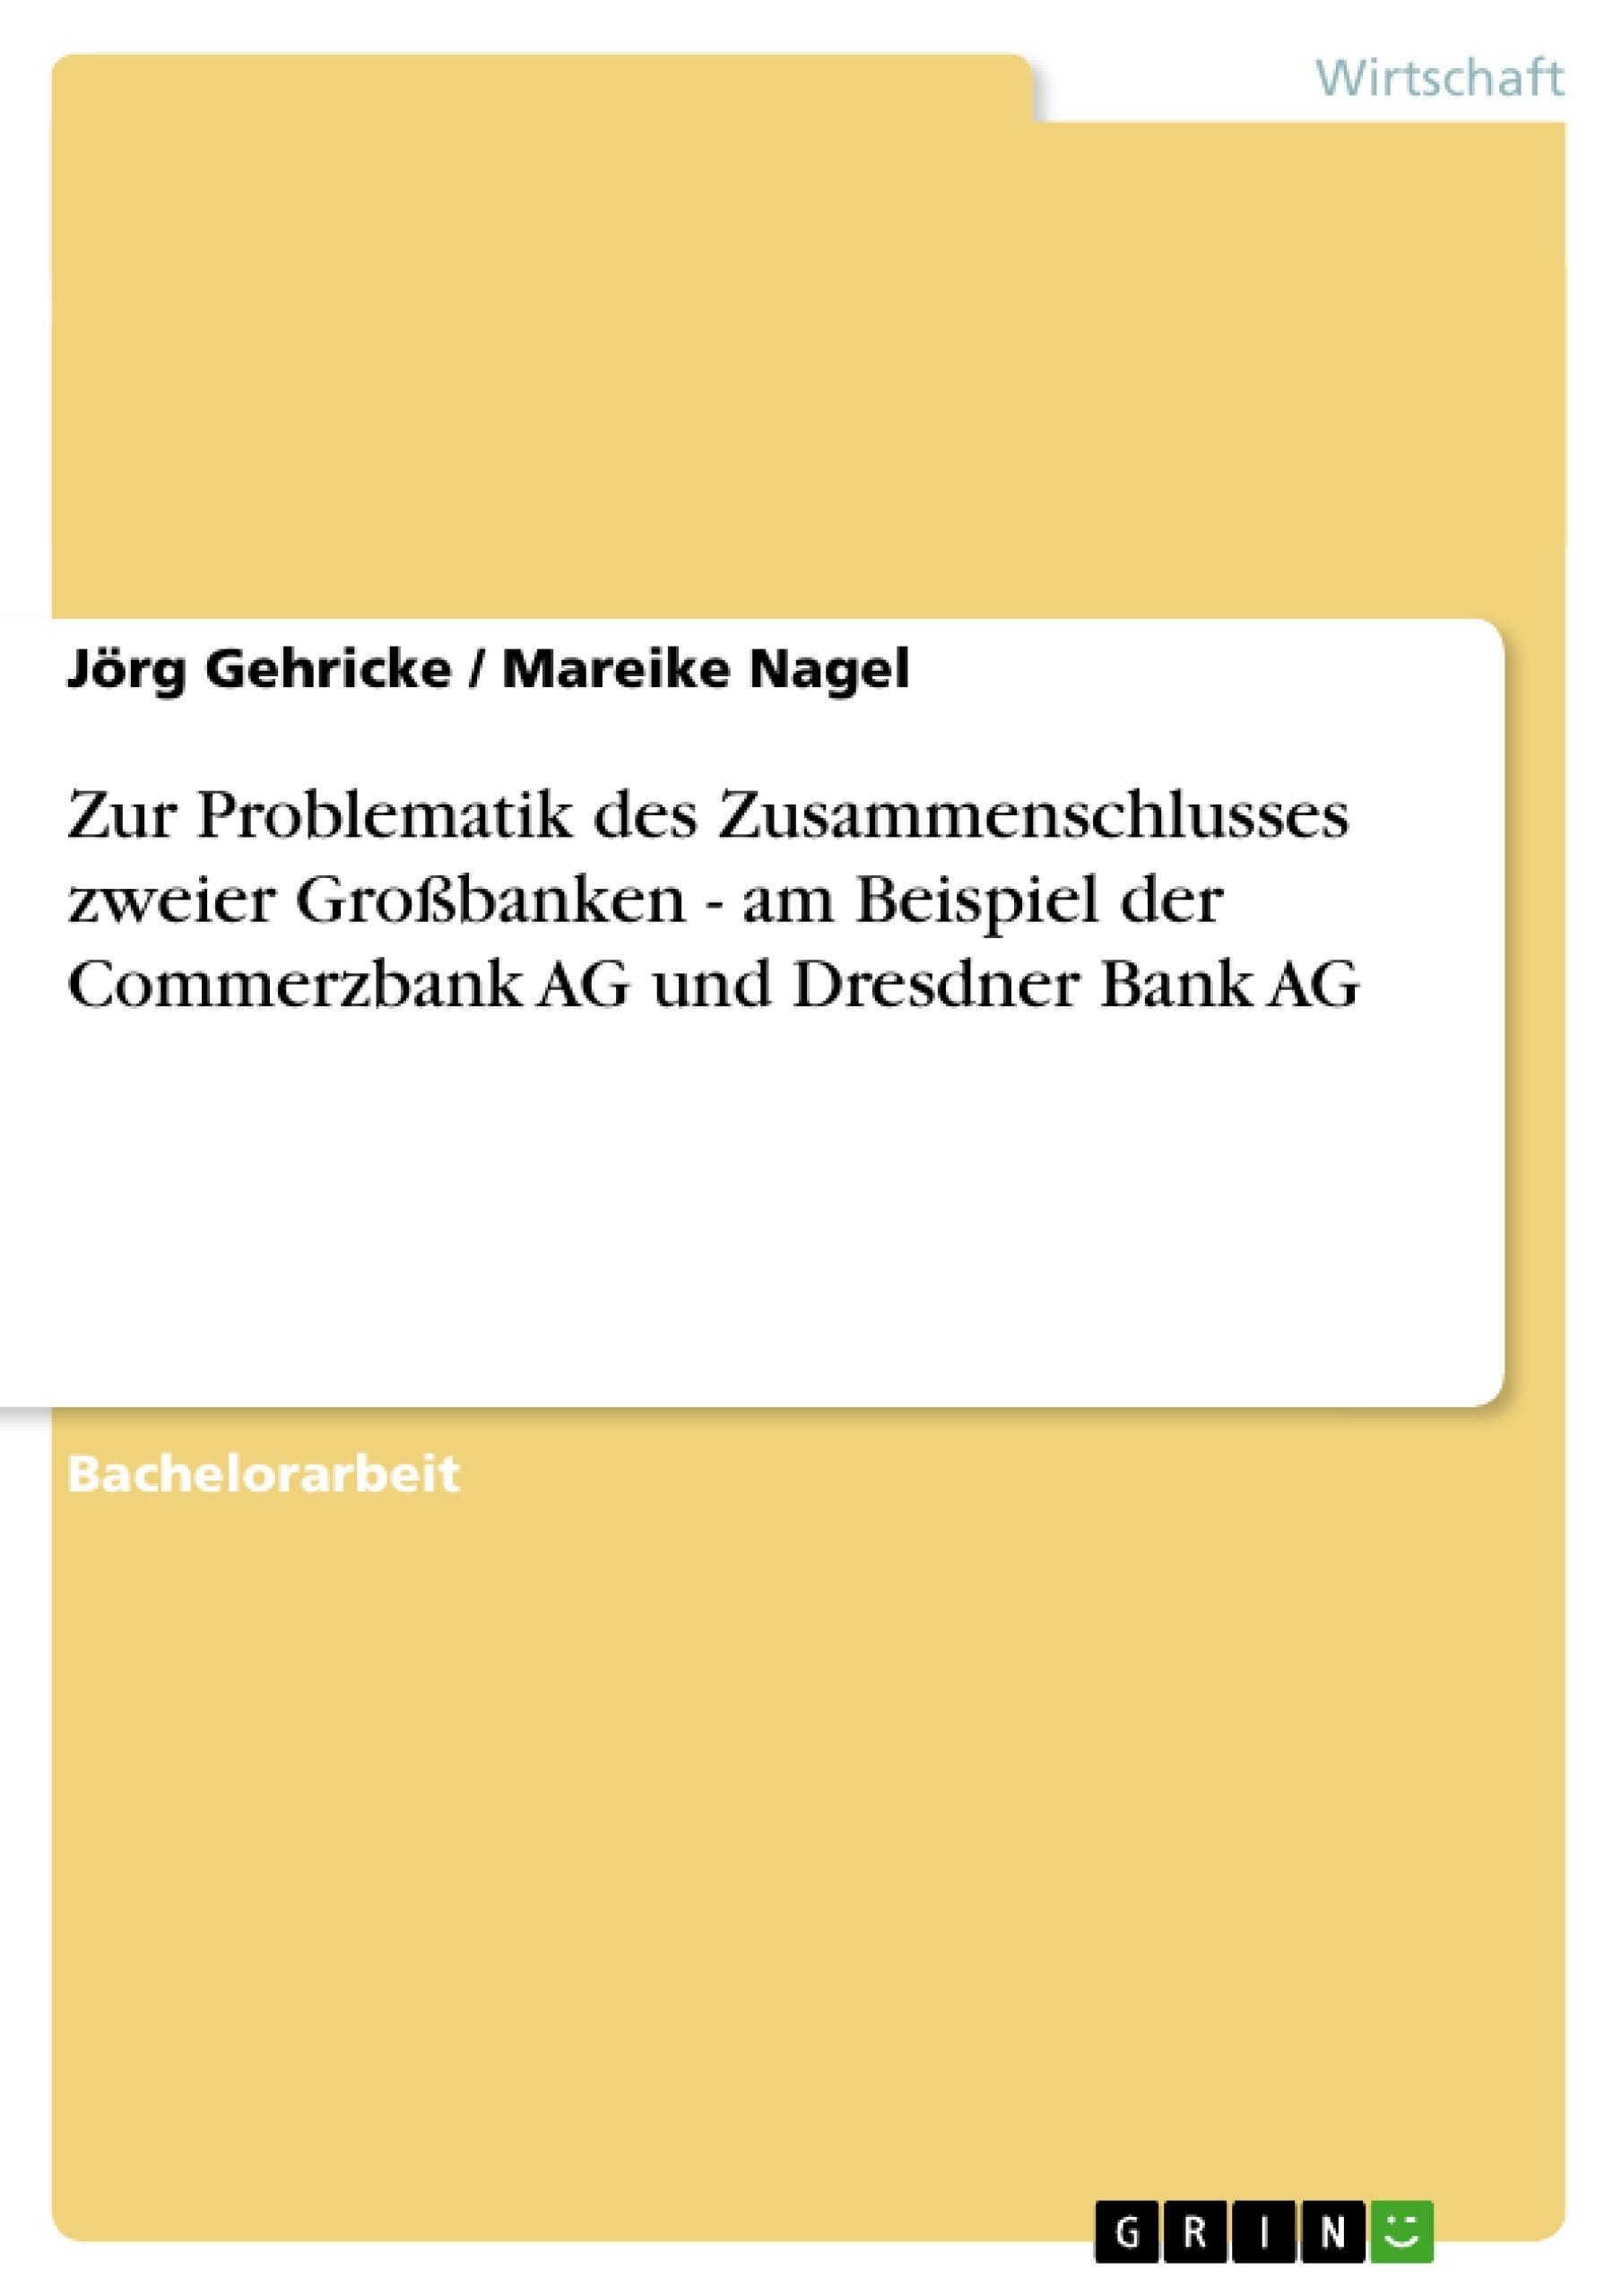 Titel: Zur Problematik des Zusammenschlusses zweier Großbanken - am Beispiel der Commerzbank AG und Dresdner Bank AG